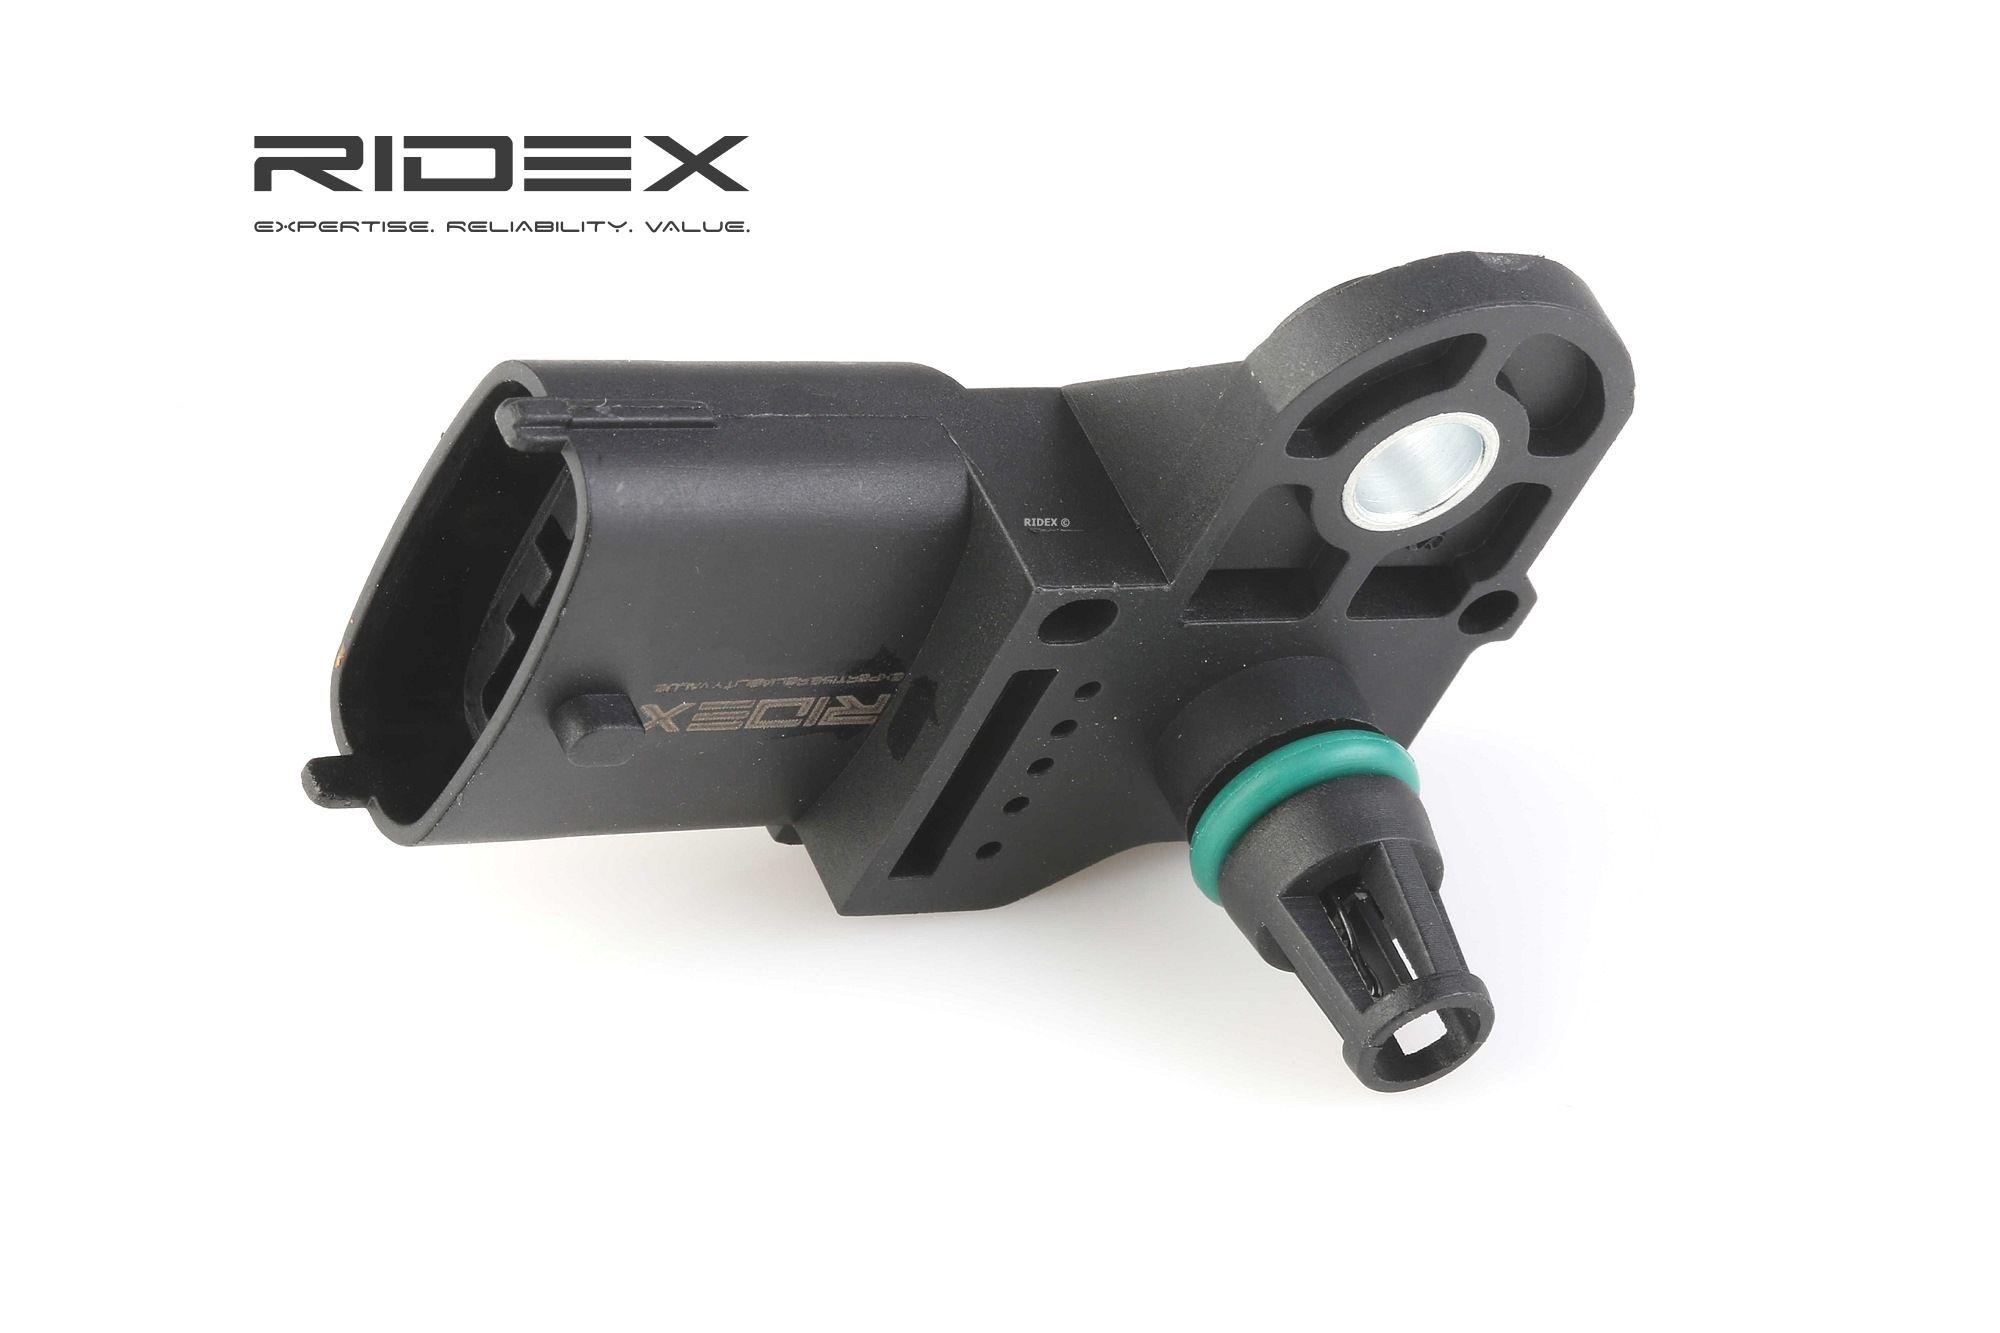 DODGE JOURNEY Ladedrucksensor - Original RIDEX 161B0003 von: 11000Pa, bis: 307000Pa